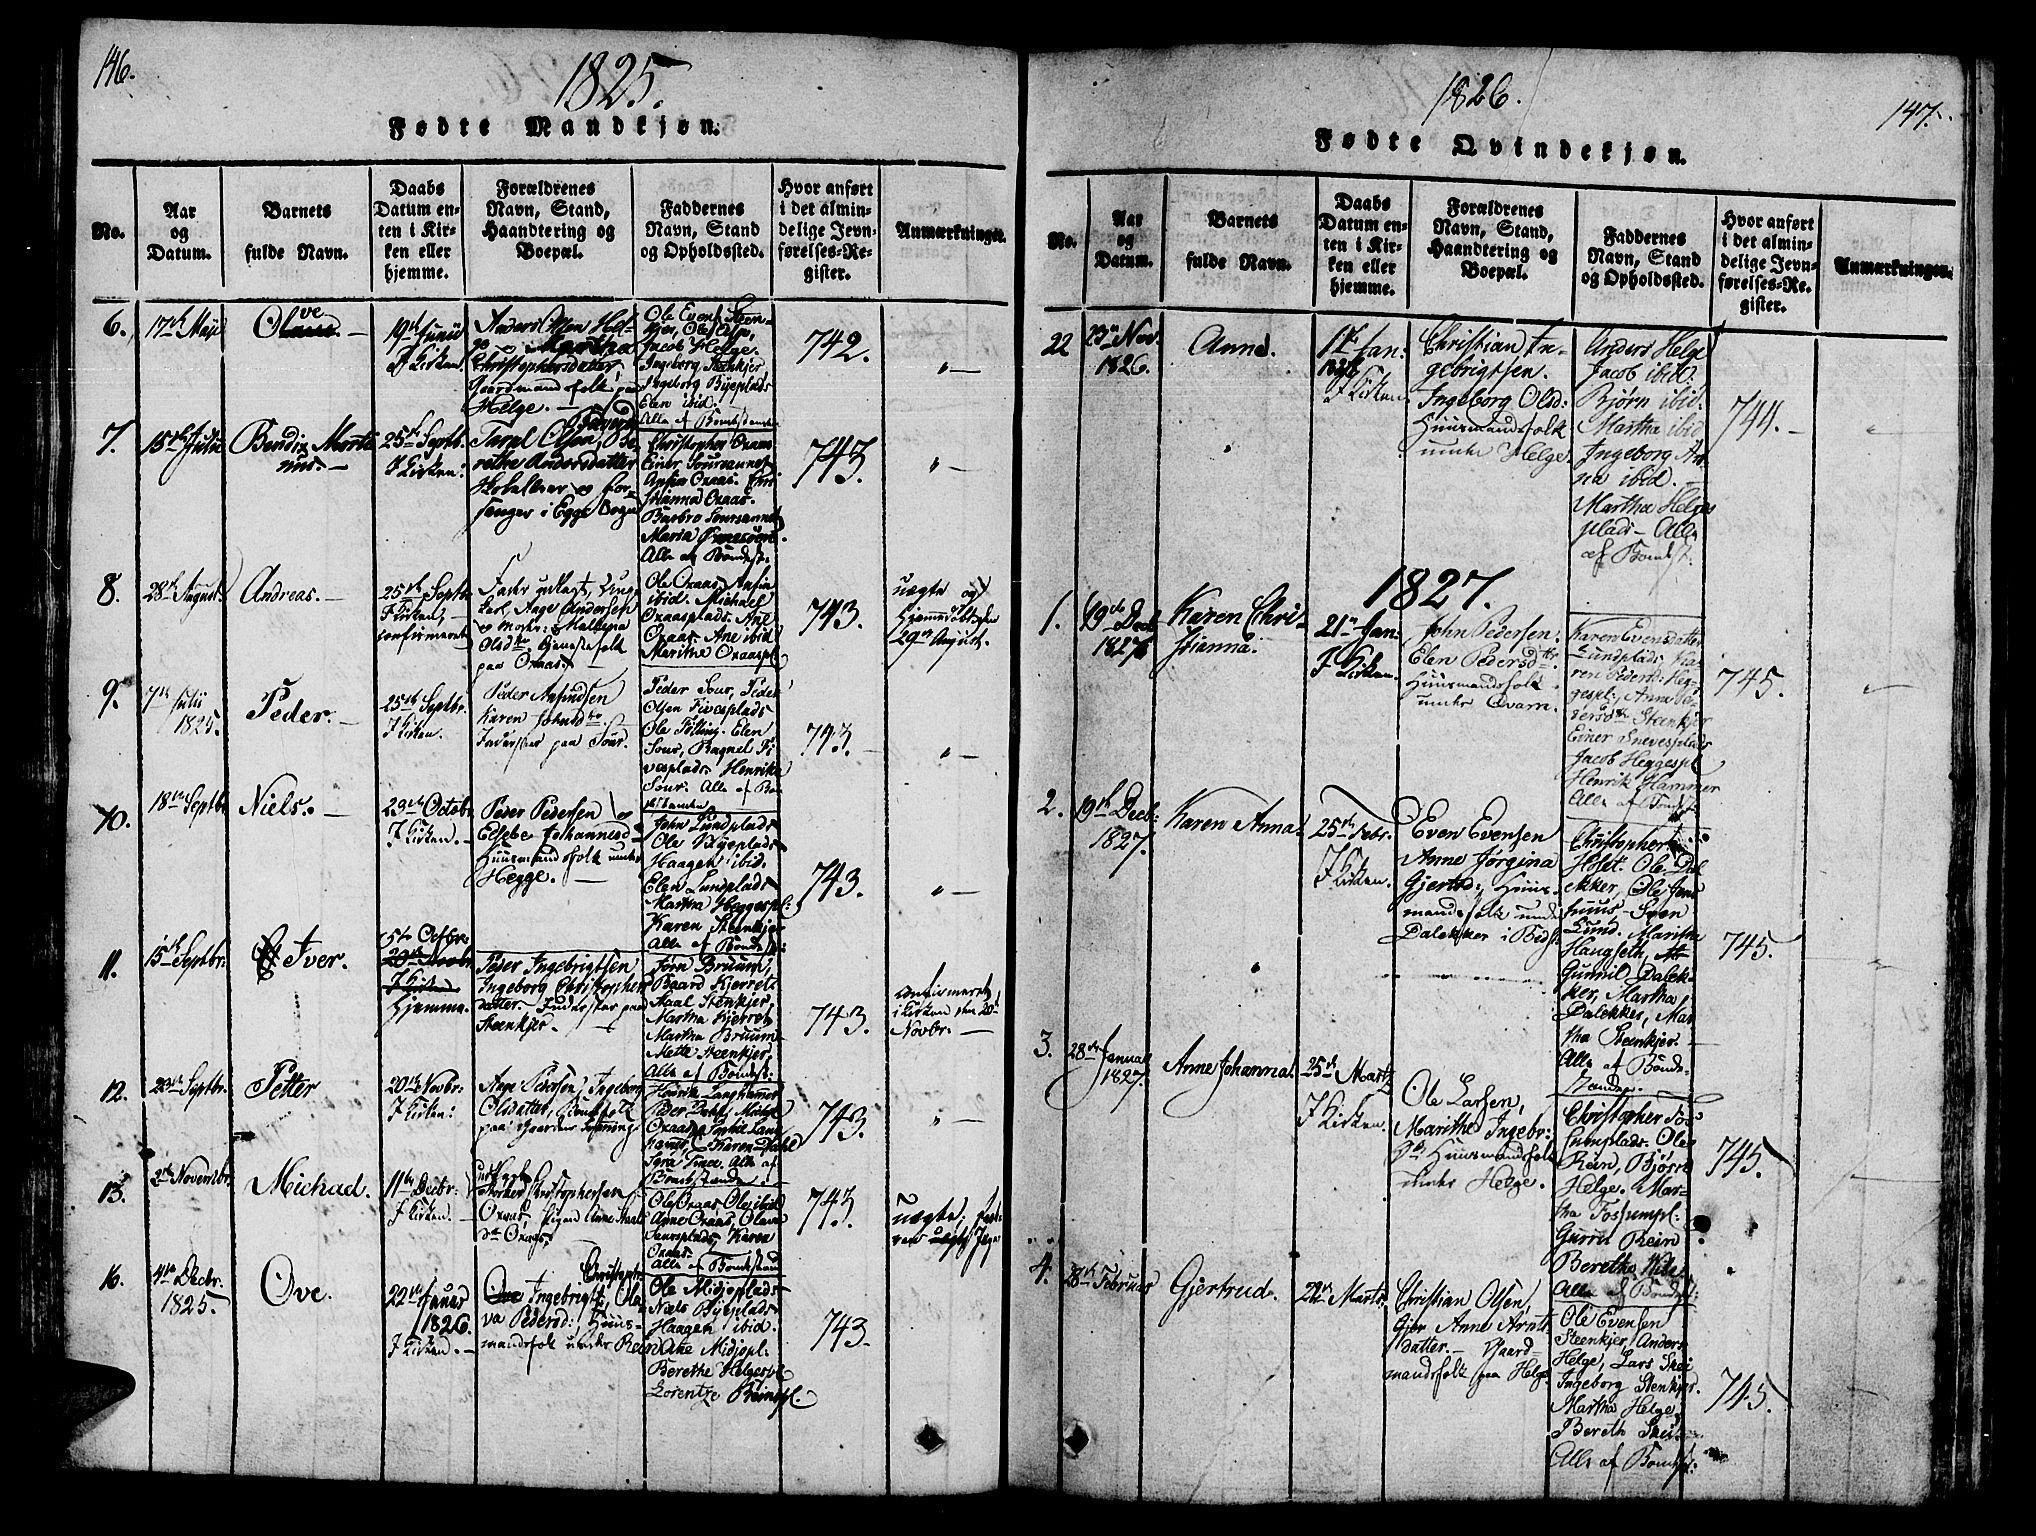 SAT, Ministerialprotokoller, klokkerbøker og fødselsregistre - Nord-Trøndelag, 746/L0441: Ministerialbok nr. 736A03 /3, 1816-1827, s. 146-147